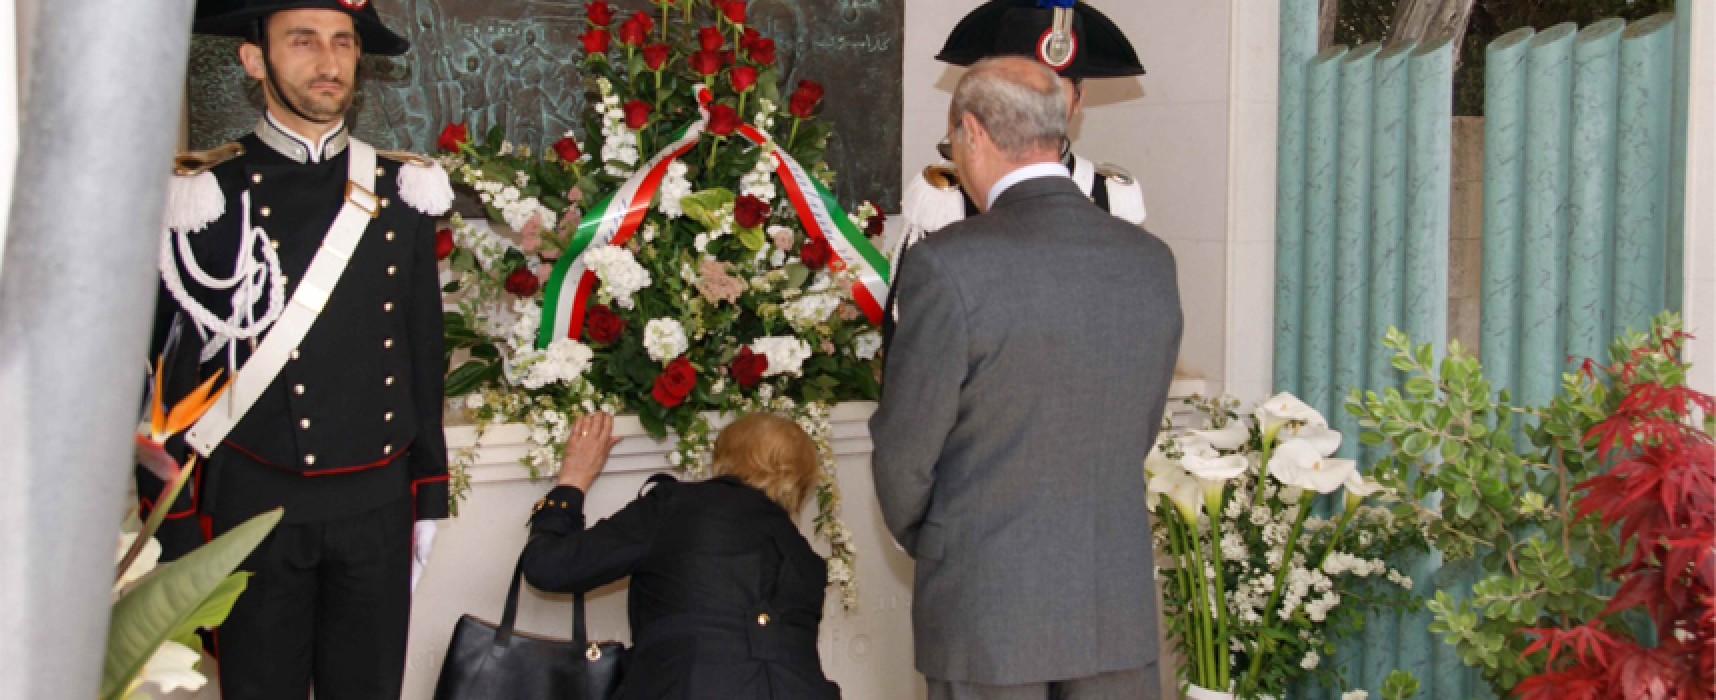 Carlo De Trizio, domani manifestazione in ricordo del Carabiniere biscegliese